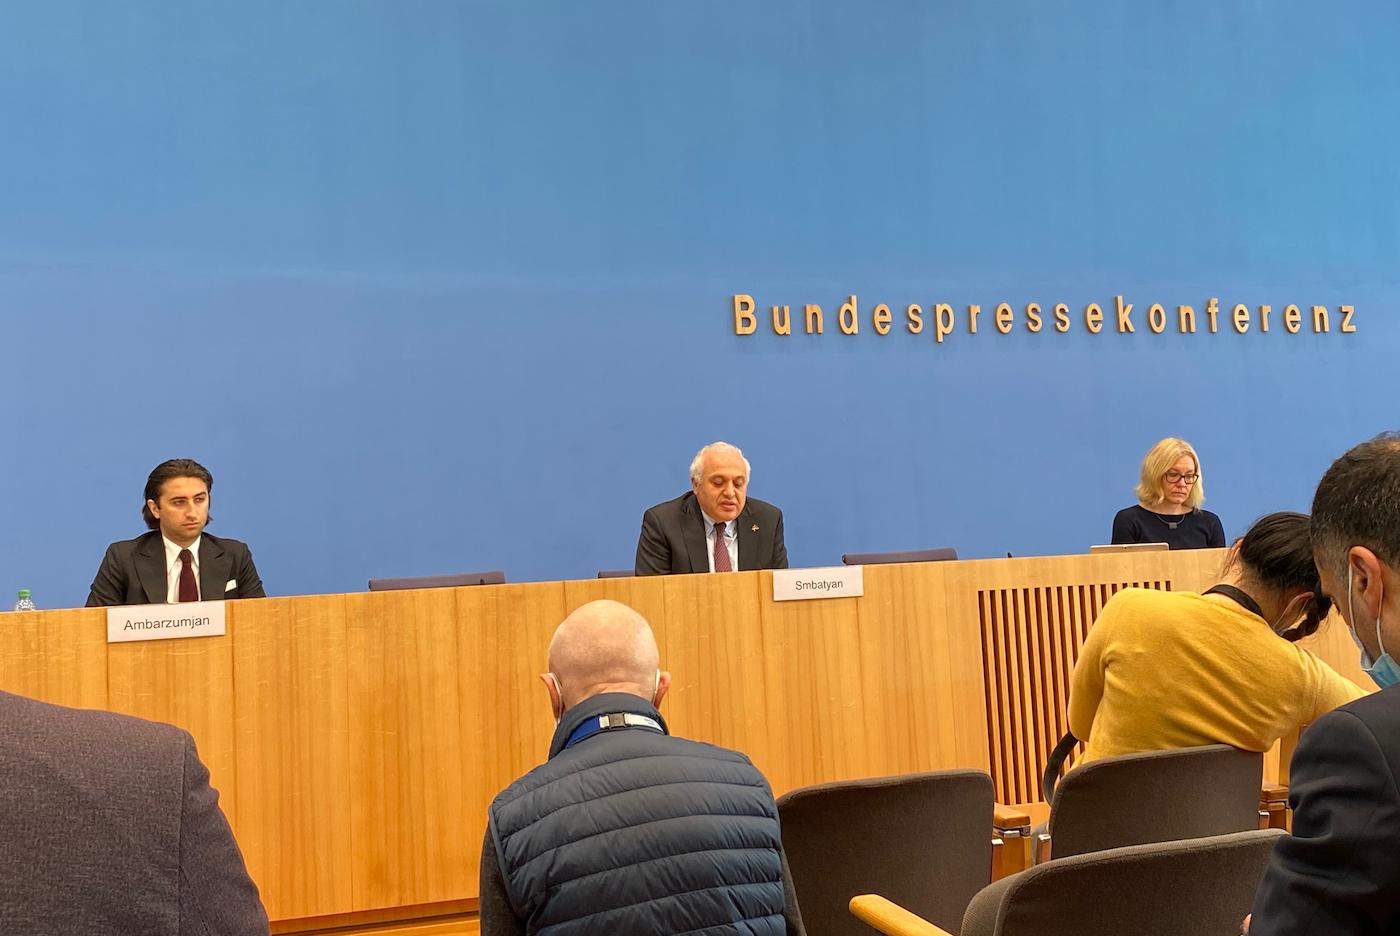 Bundespressekonferenz Arzach